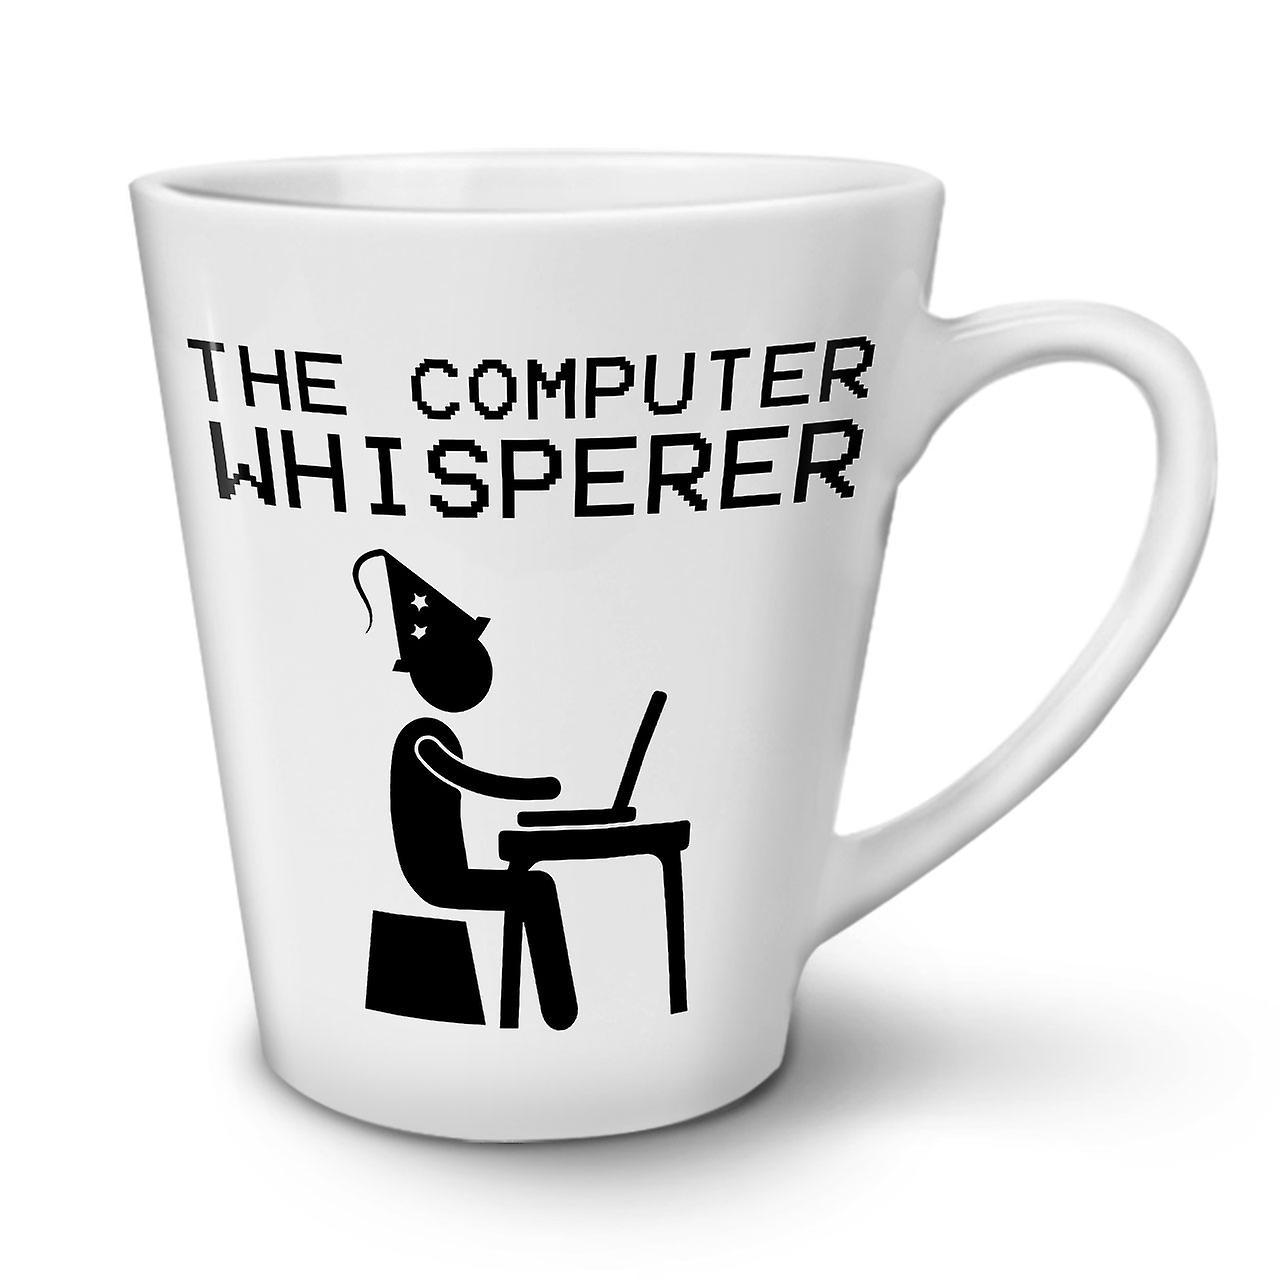 Programmeur En 12 OzWellcoda Café Nouvelle De Tasse Céramique Blanc Latte Thé b6gf7y